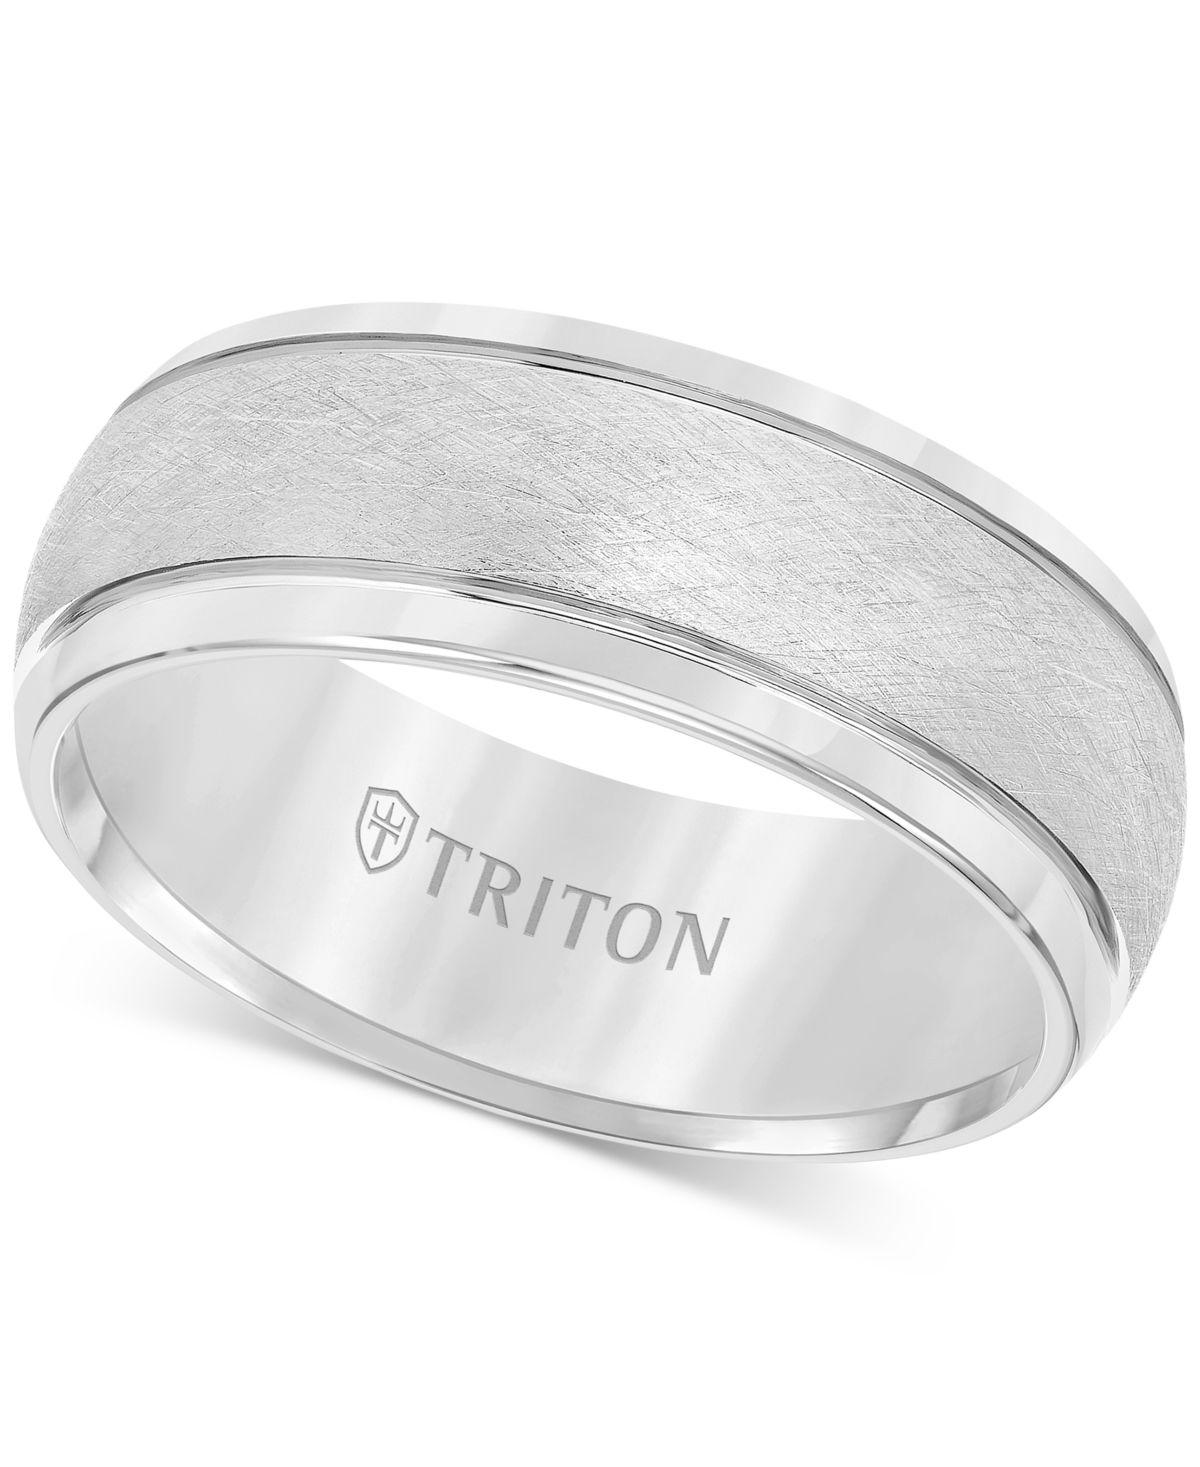 Triton Men's Tungsten Ring, Wedding Band & Reviews Rings